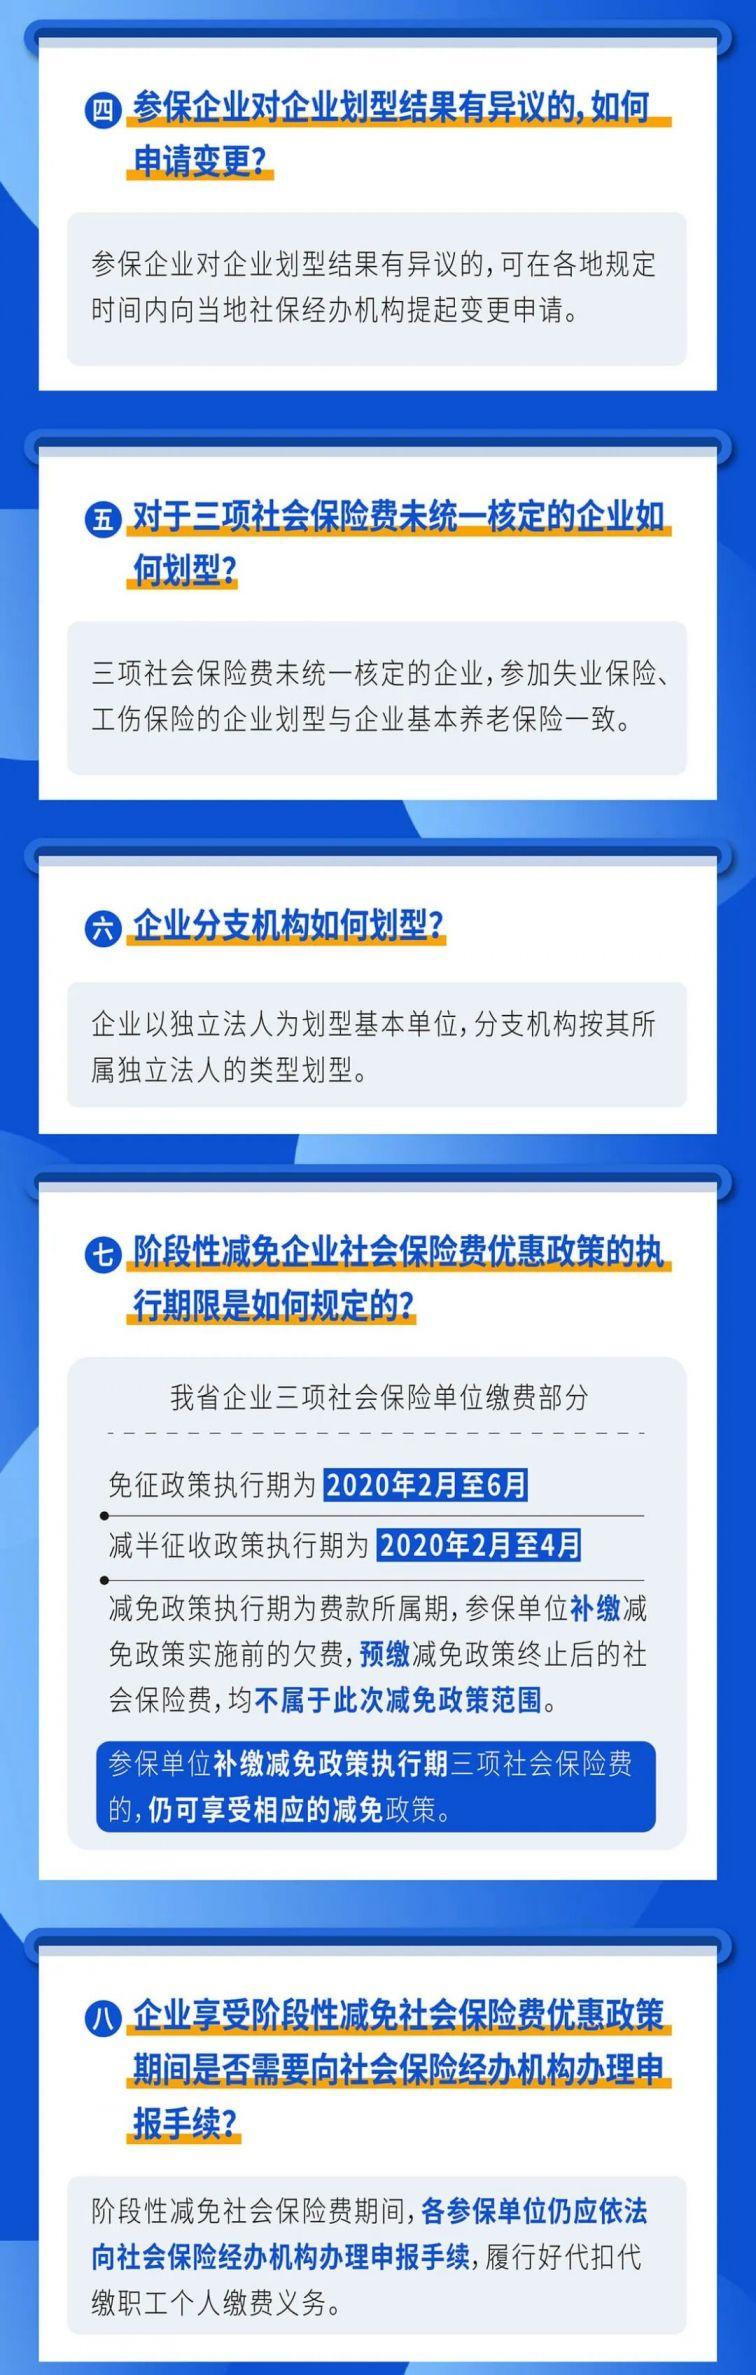 苏州市职工平均工资_江苏阶段性减免企业社保费政策解读- 苏州本地宝